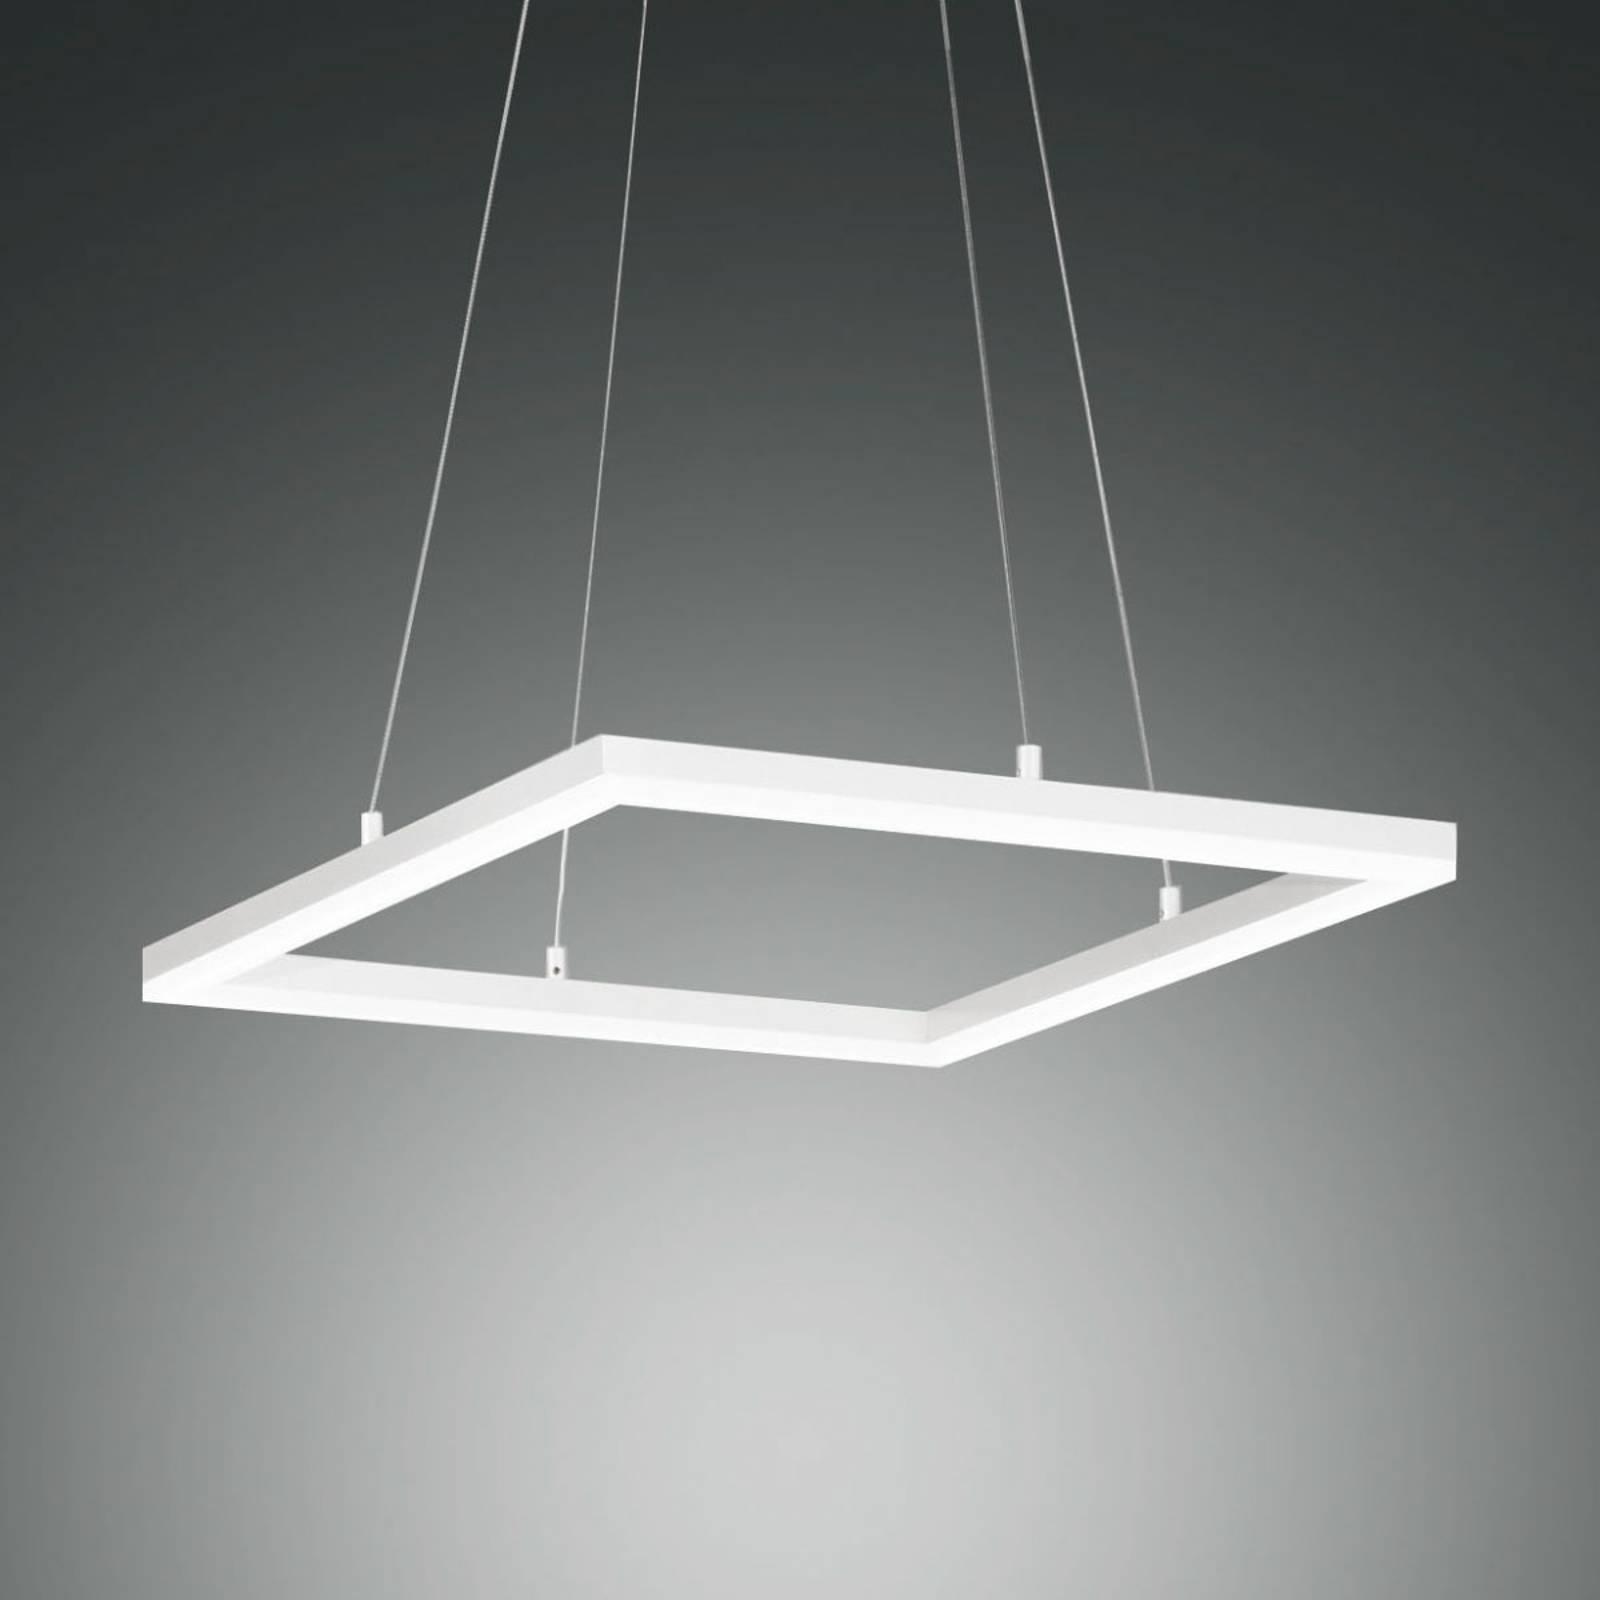 LED-riippuvalaisin Bard, 42x42cm valkoinen